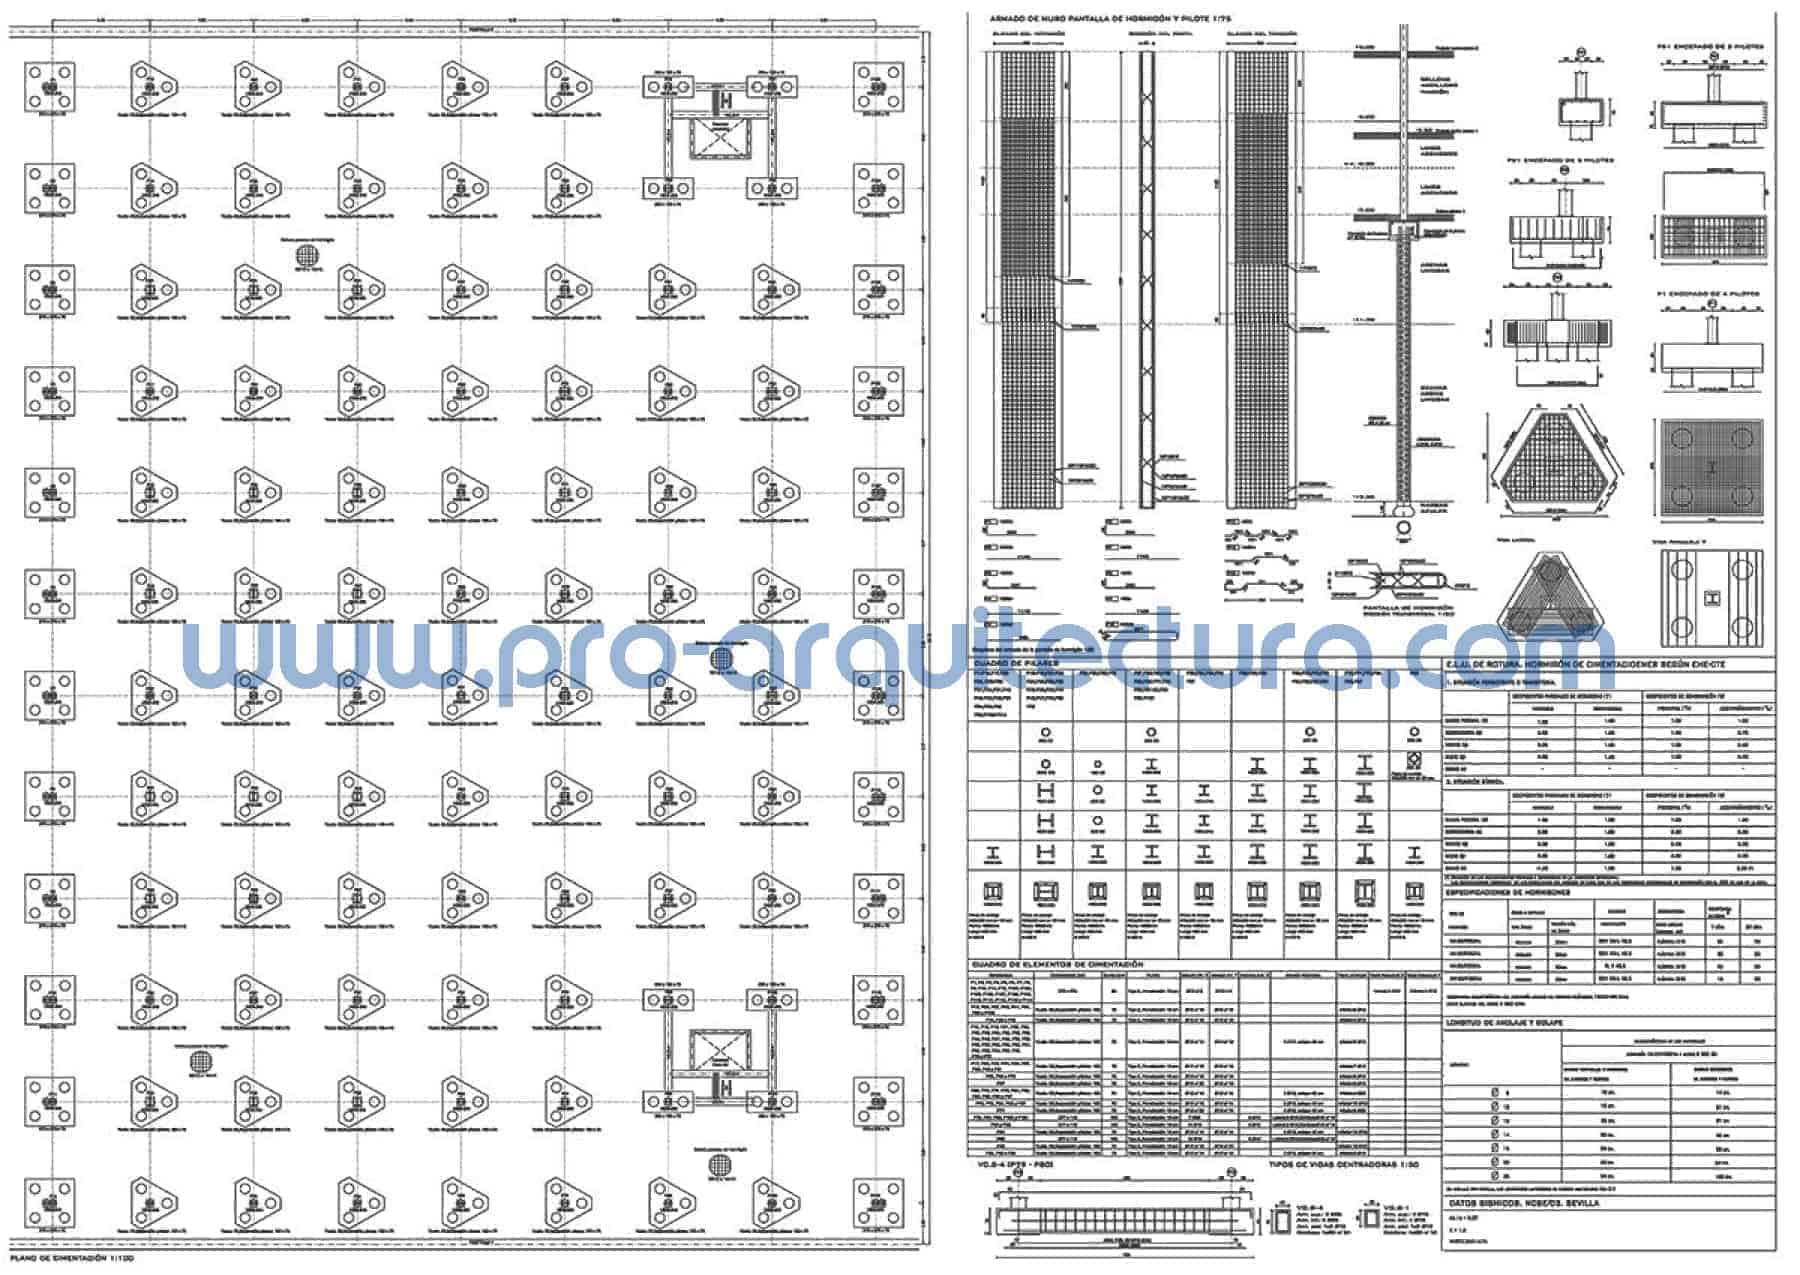 0063-01 Edificio de uso docente - Planos de estructuras - Tu ayuda con la entrega de la estructura del pfc pfg tfg tfm de arquitectura.